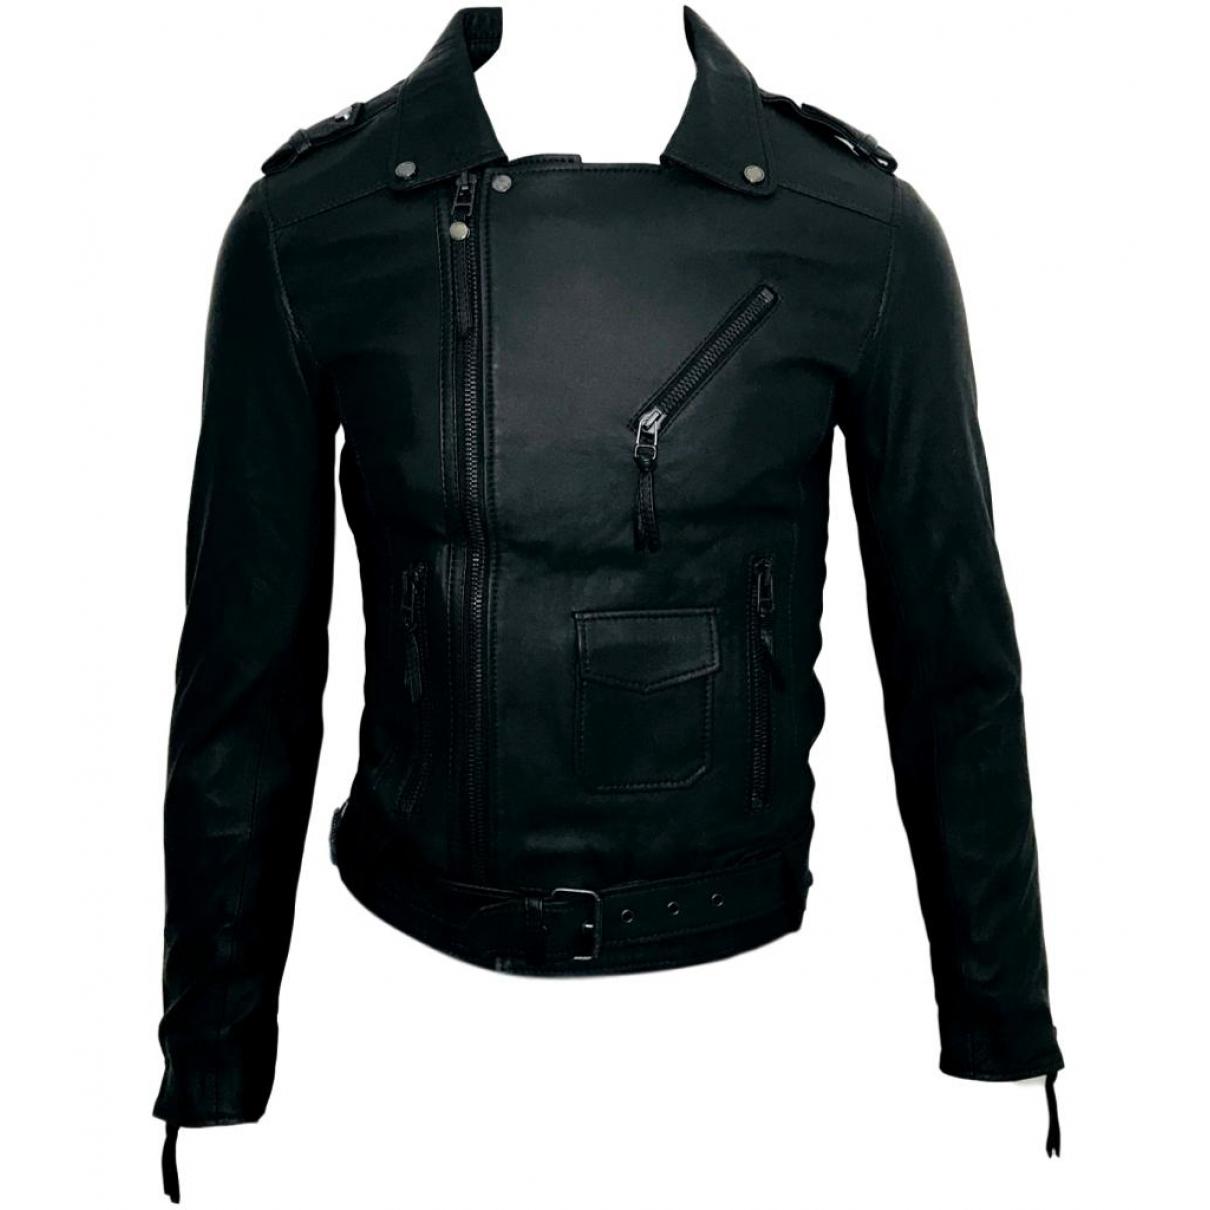 Bodaskins \N Black Leather jacket  for Men XS International